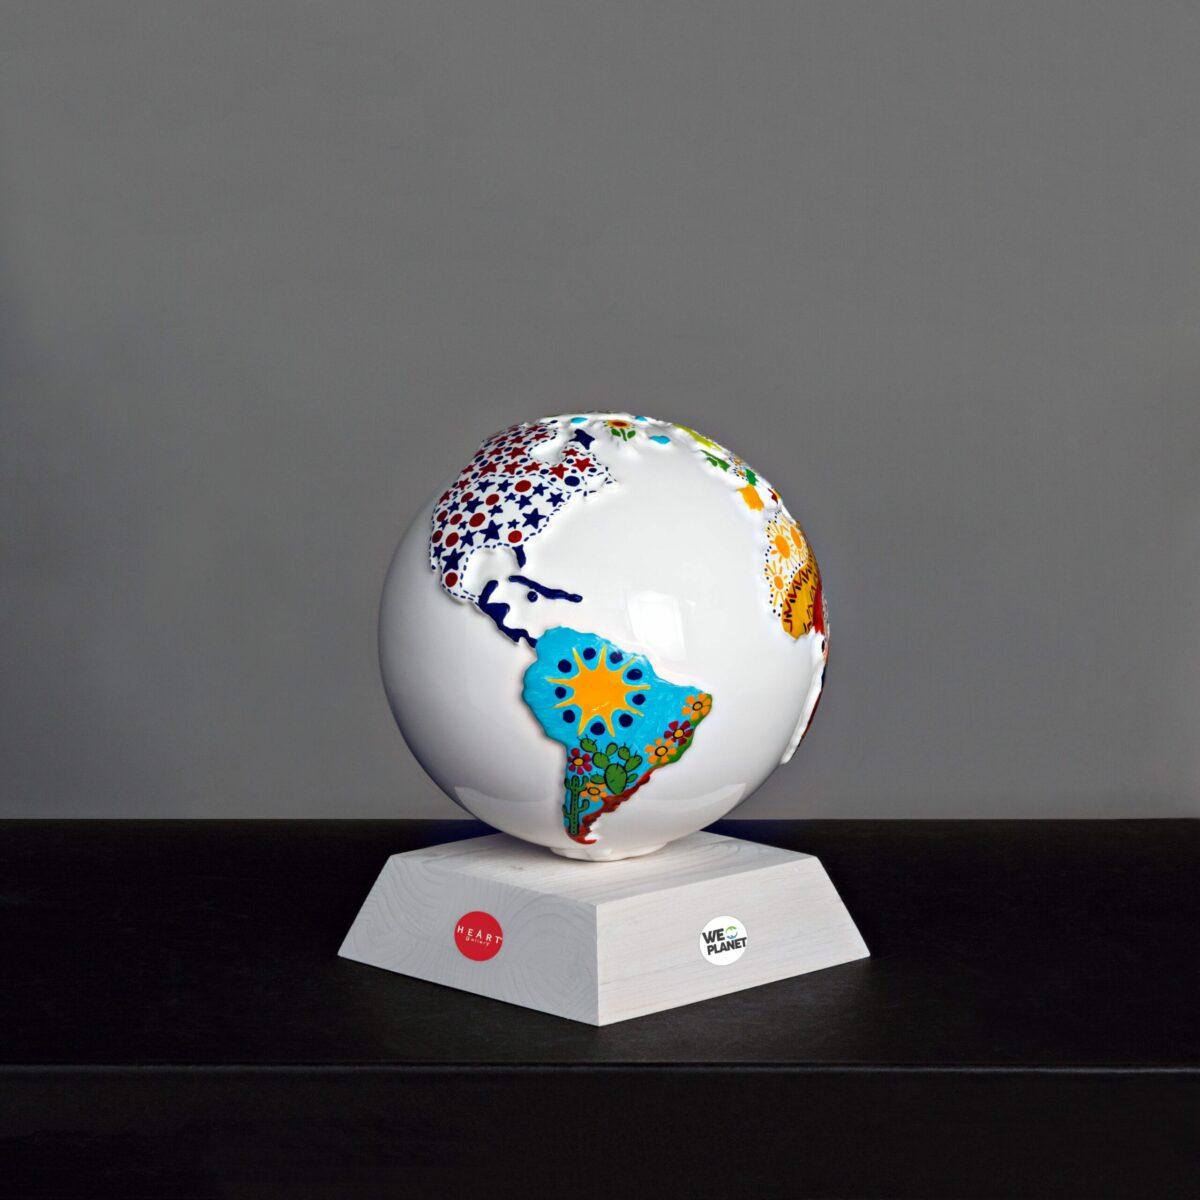 mappamondo in ceramica bianco con decori colorati sui continenti e appoggiato su una base di legno bianca